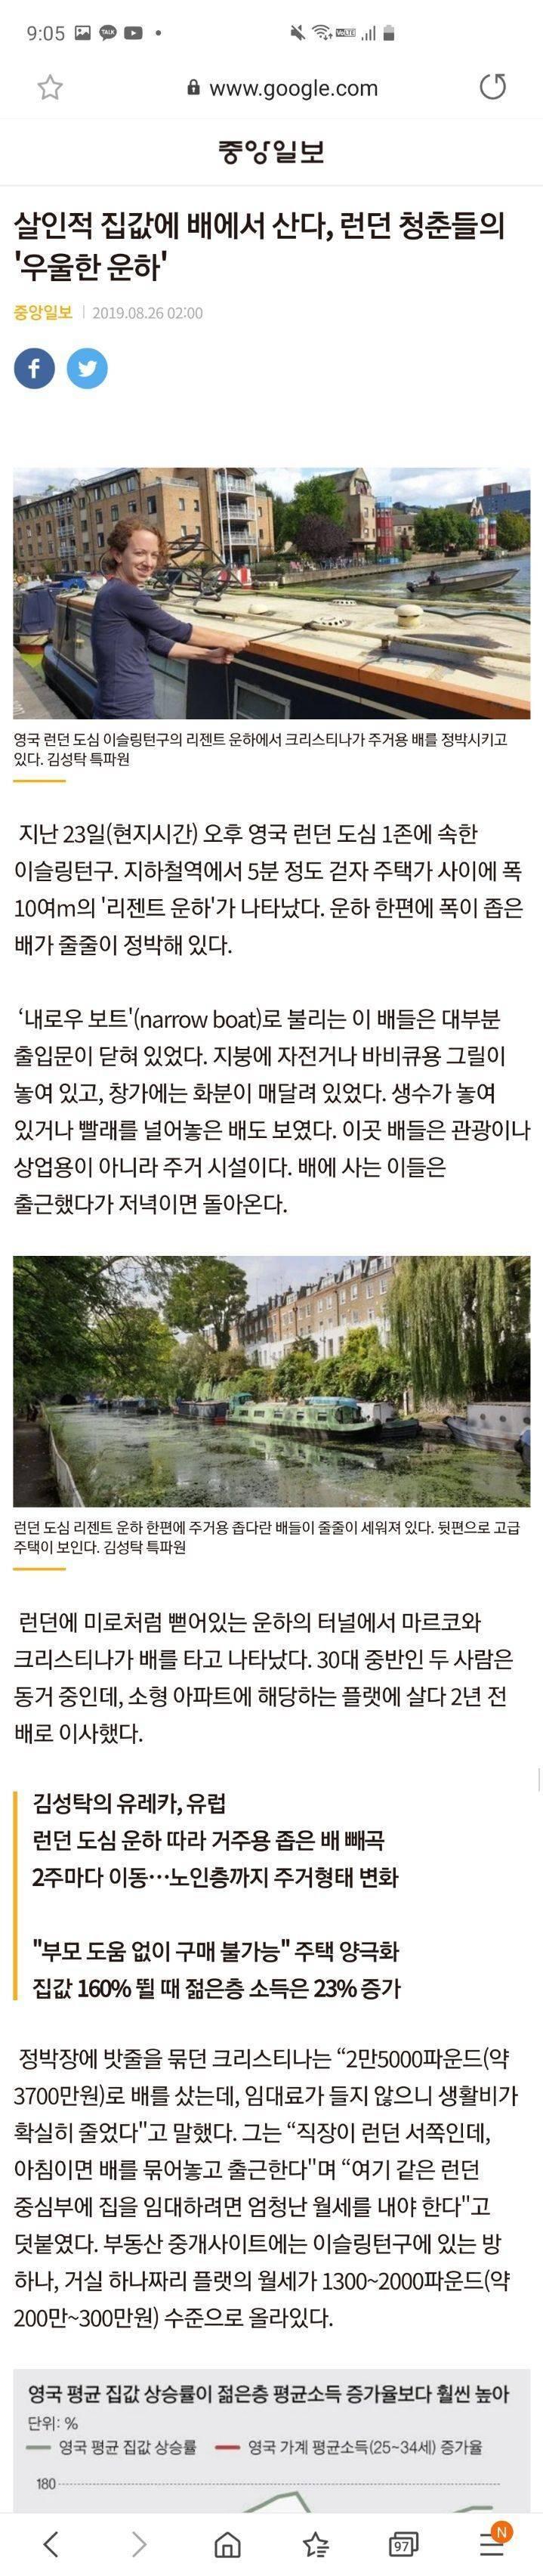 중국인 집주인에게 월세내는 세상 오나 | 인스티즈